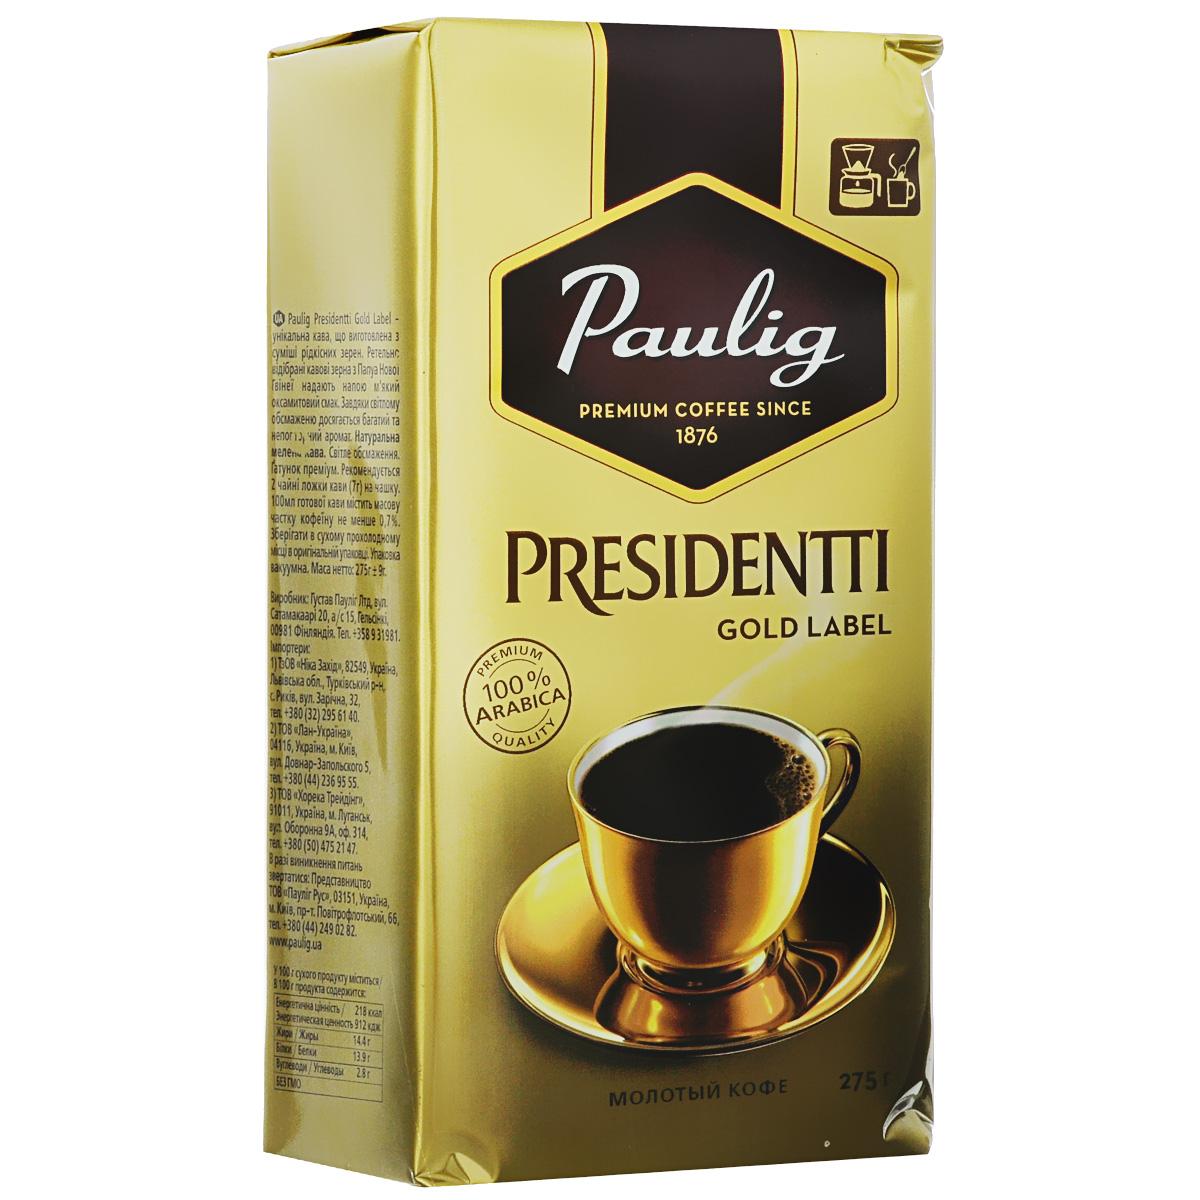 Paulig Presidentti Gold Label кофе молотый, 275 г101246Paulig Presidentti Gold Label - уникальный кофе, приготовленный из смеси редких кофейных зерен. Тщательно отобранные кофейные зерна из Папуа – Новой Гвинеи дарят напитку мягкий, бархатистый вкус. Благодаря легкой обжарке достигается богатый, неповторимый аромат.